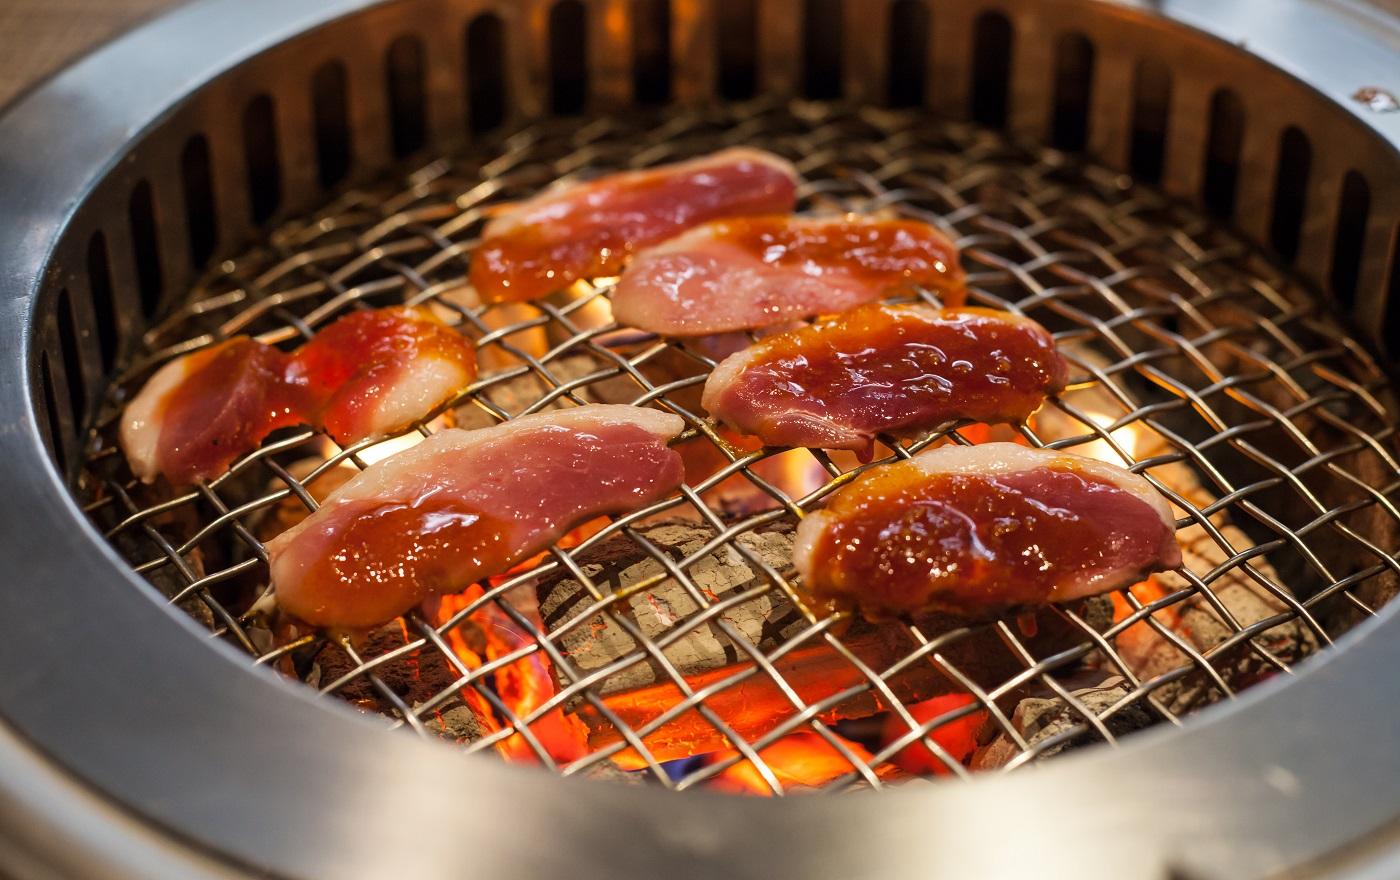 rôtir de la viande de canard et des légumes sur une poêle à griller en morceaux de charbon de bois naturel rougeoyant et flamboyant dans un restaurant de nourriture barbecue grill poêle arrière-plan.